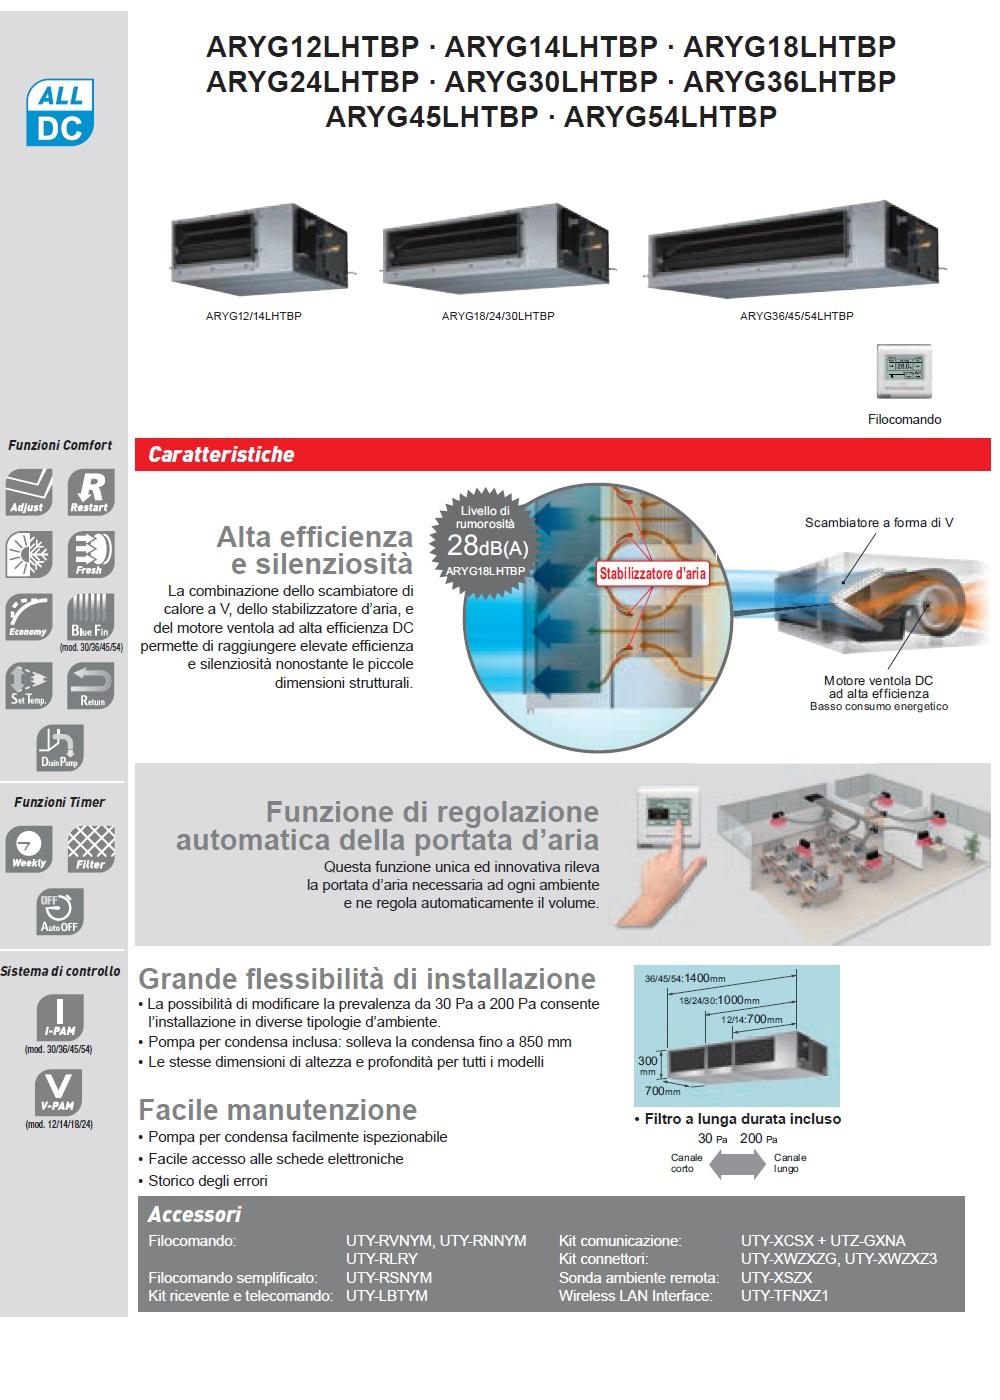 Climatizzatore Fujitsu 45000 Btu Canalizzabile LHT media prevalenza